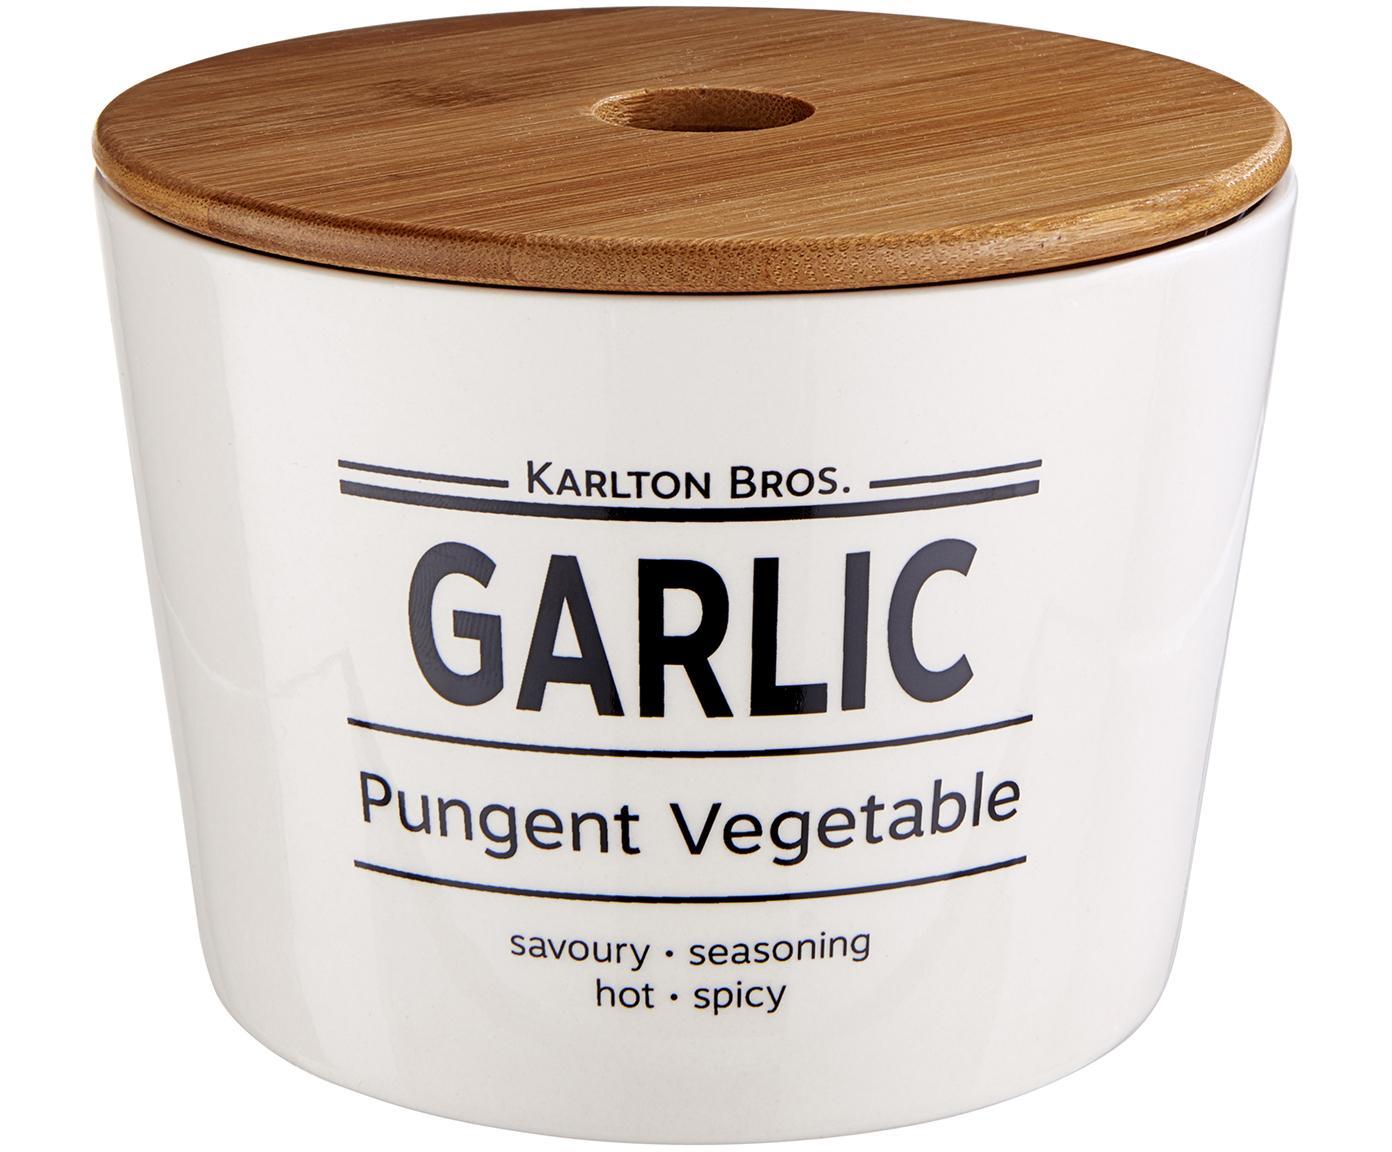 Aufbewahrungsdose Karlton Bros. Garlic, Porzellan, Weiss, Schwarz, Braun, Ø 14 x H 11 cm